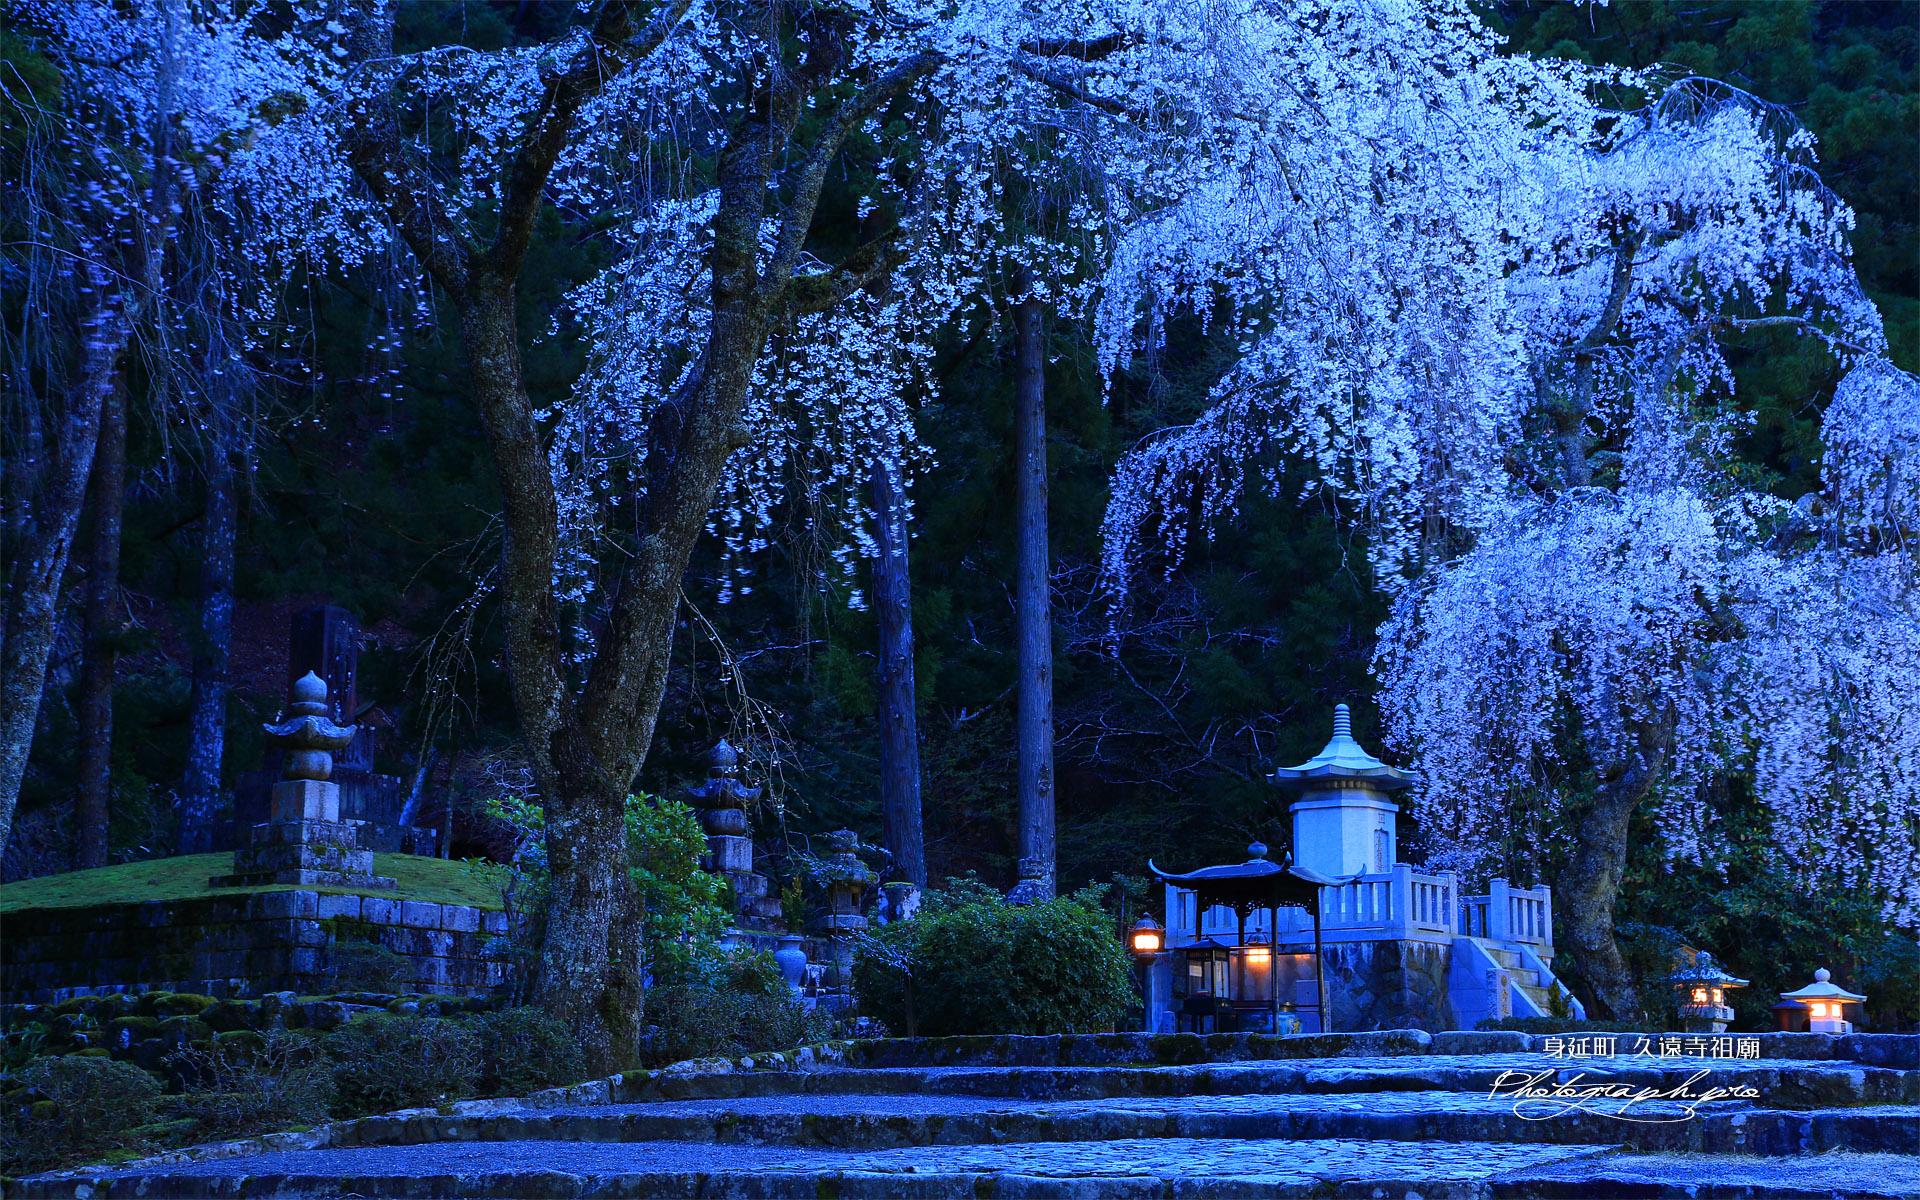 久遠寺祖廟のしだれ桜